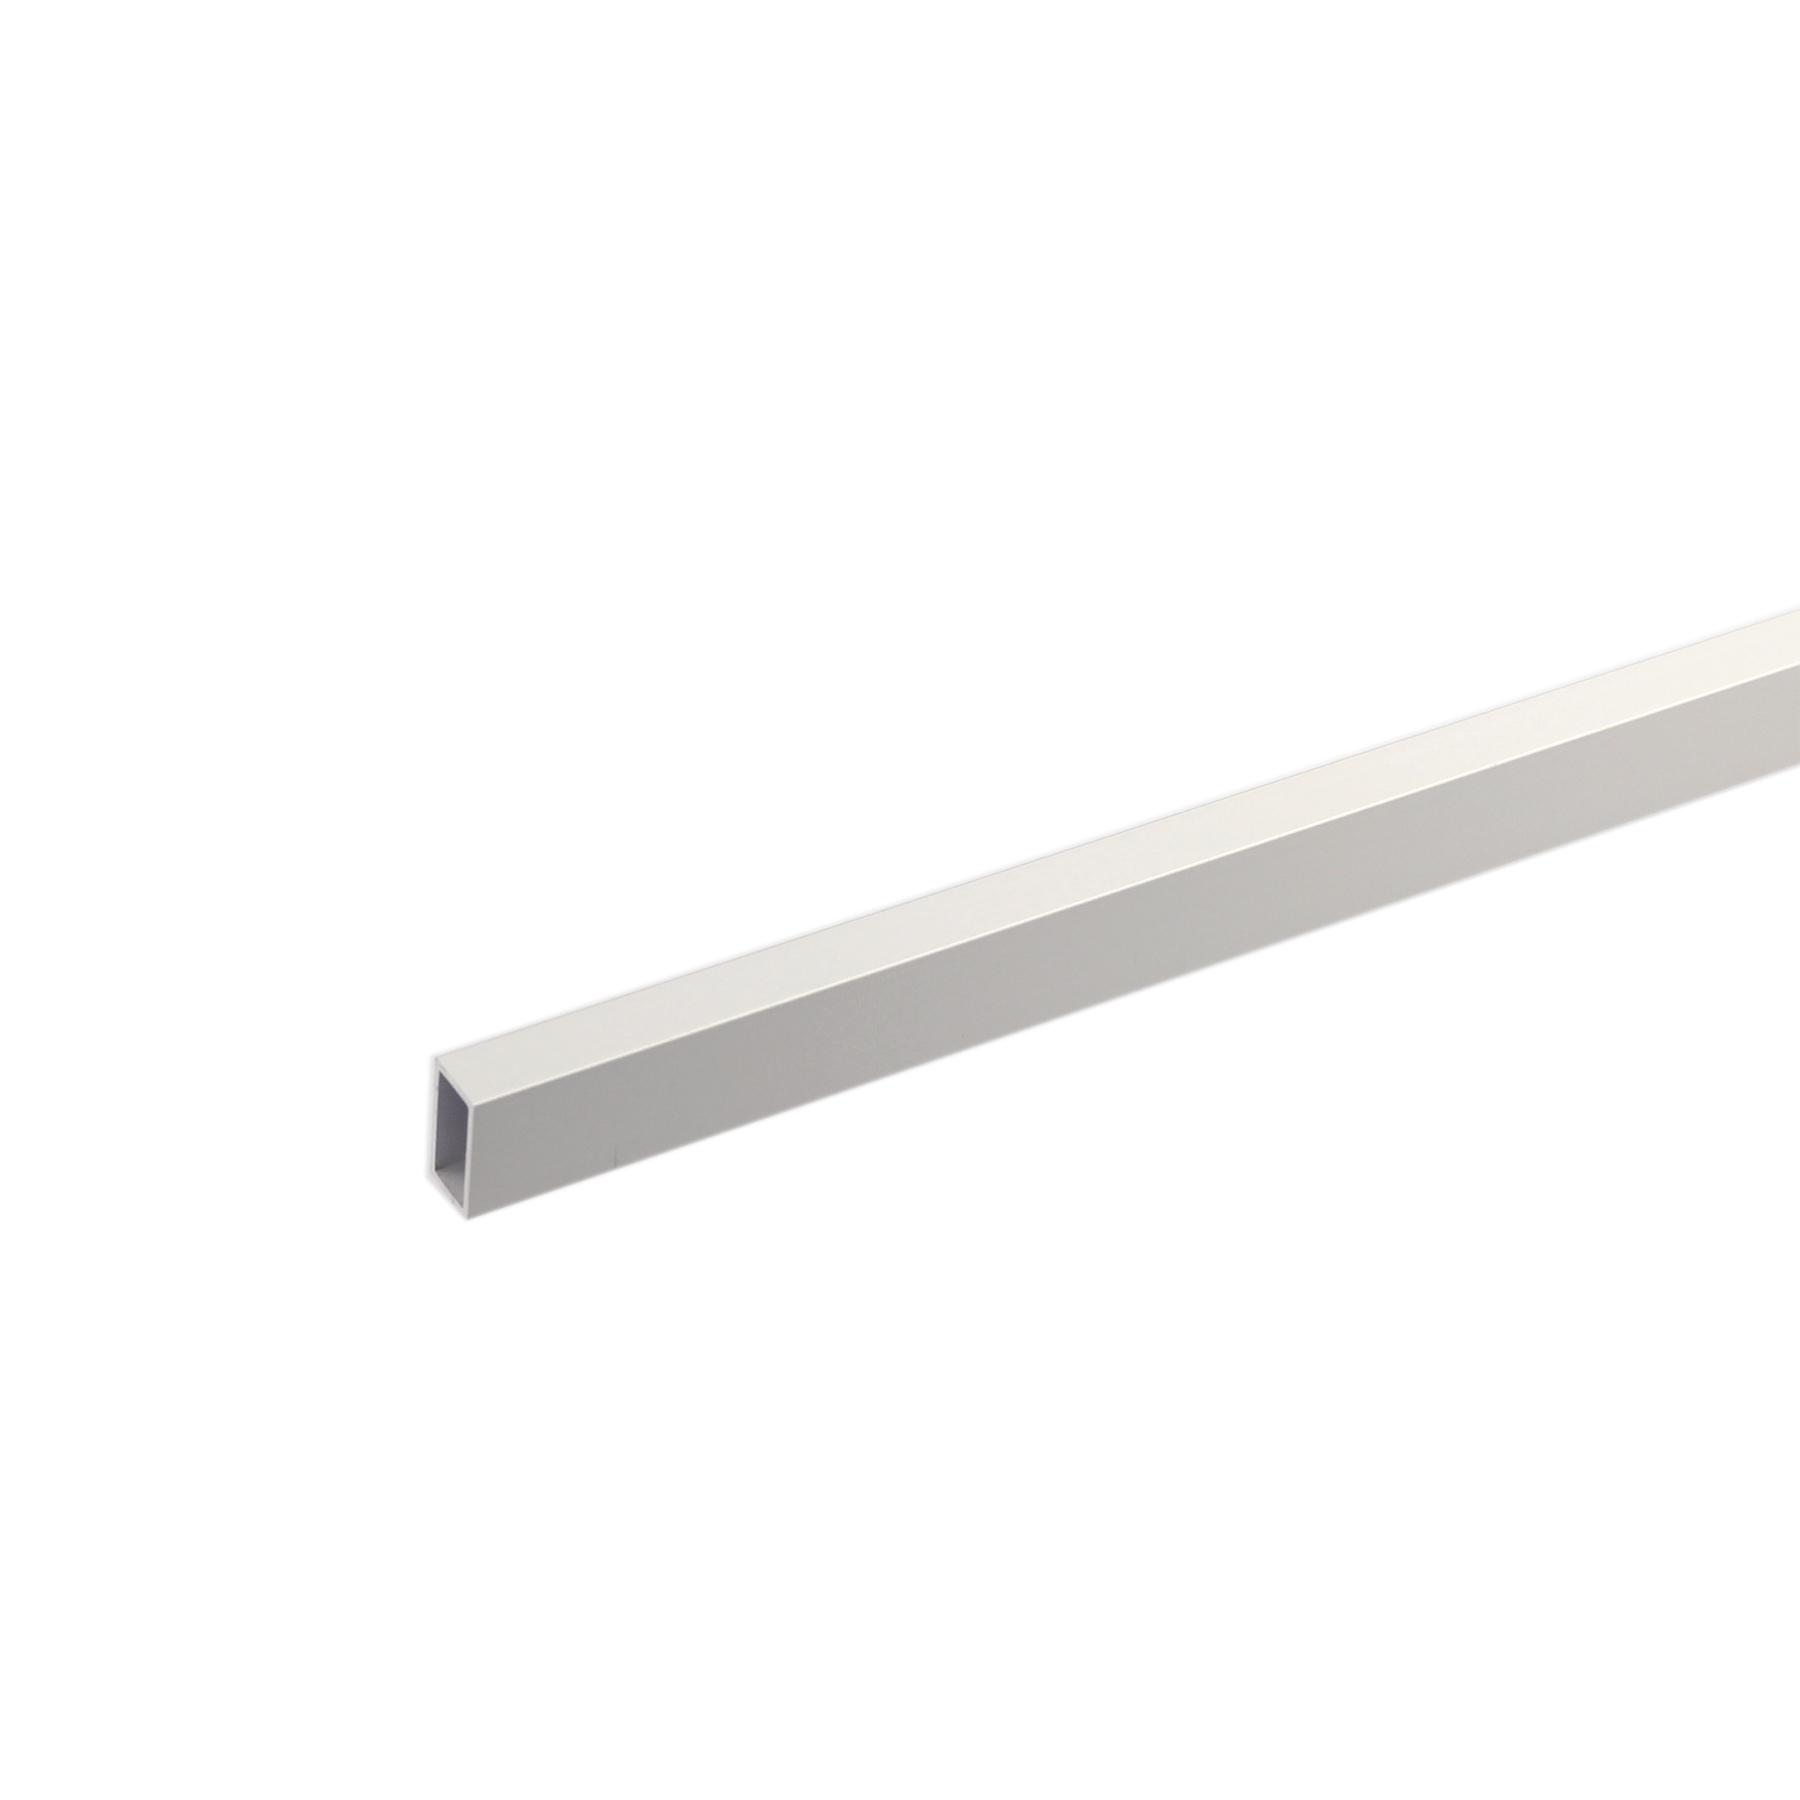 Tubo Retangular Alumínio Anodizado 1mx20cm